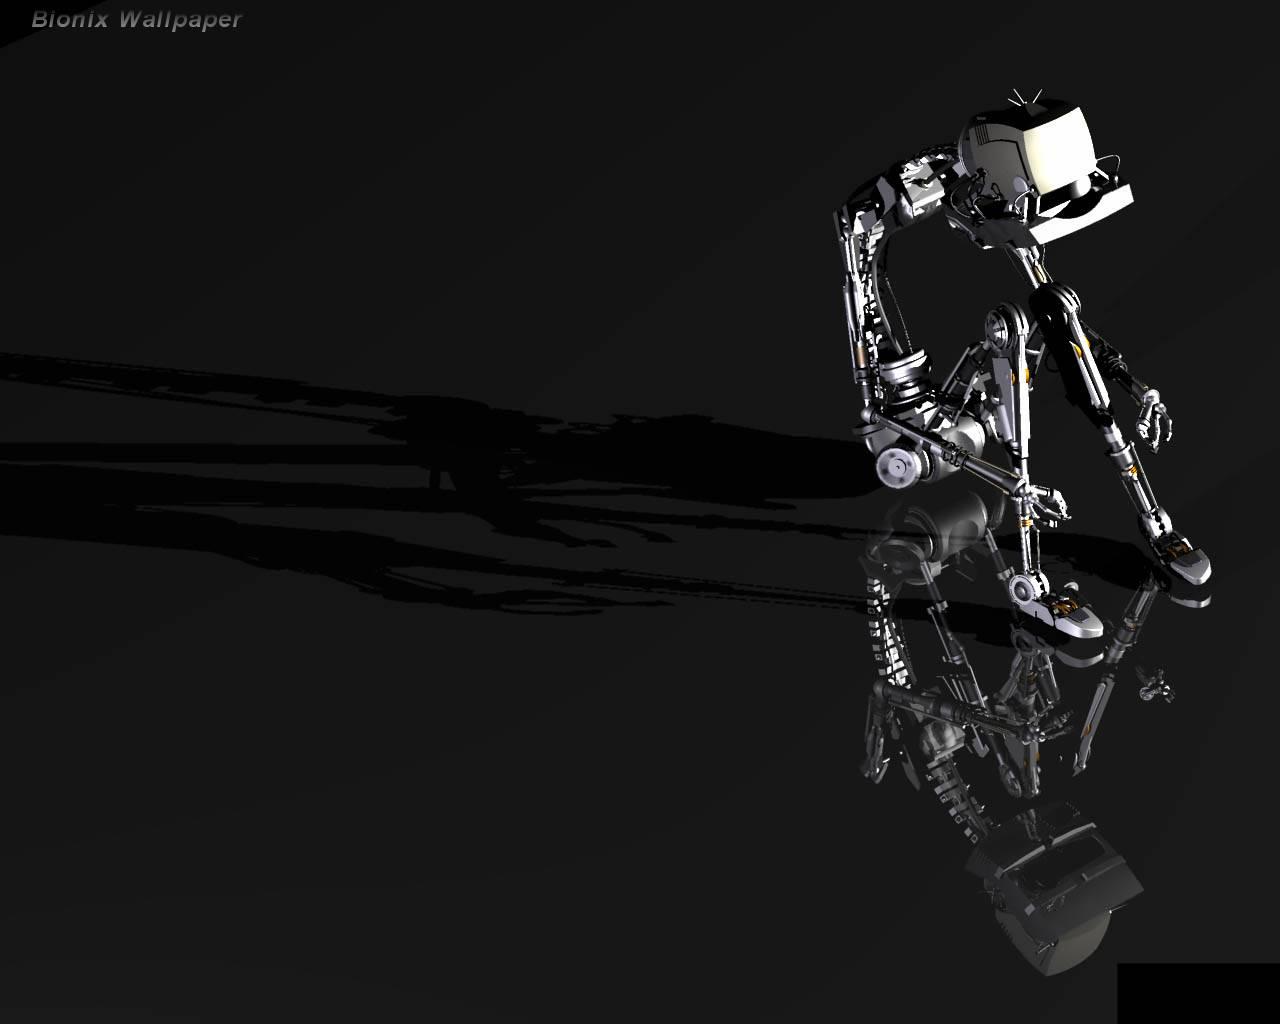 Robot wallpaper  hd wallpapers widescreen desktop ...